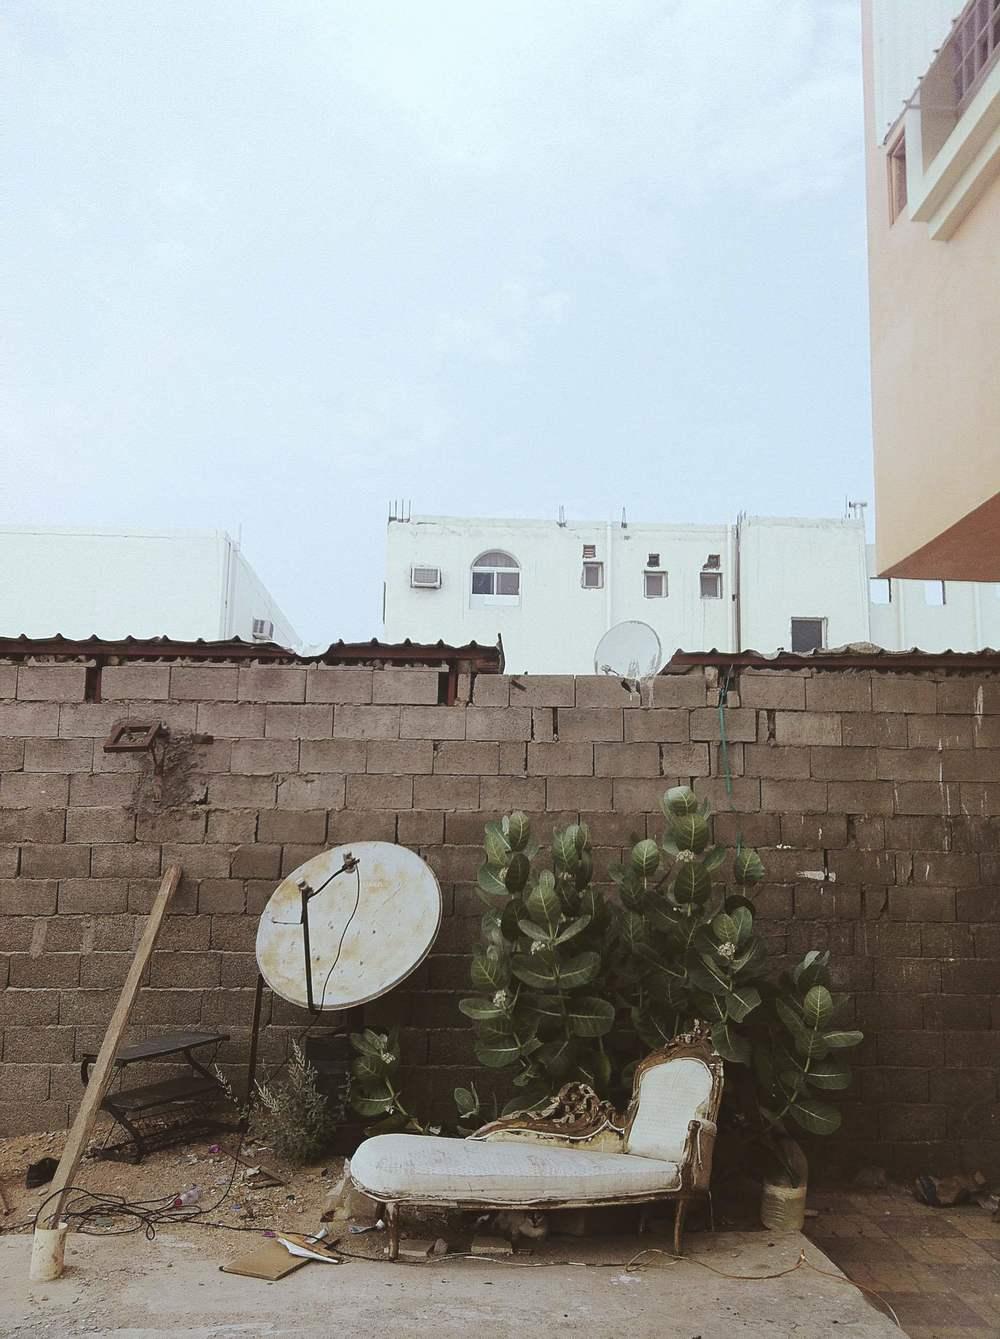 Rakan_Alharbi-IMG_9216.JPG